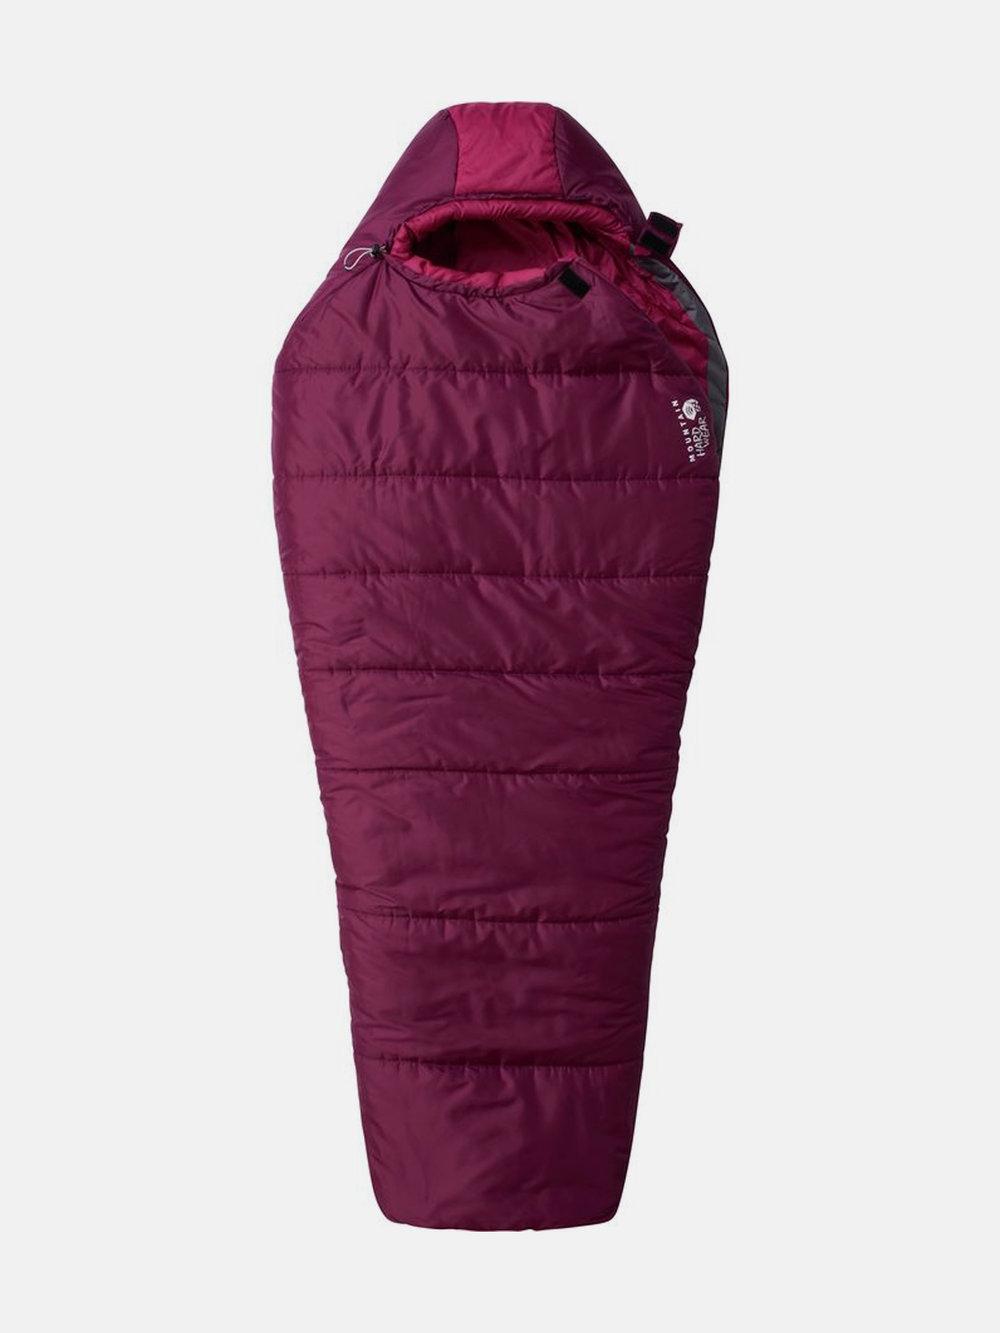 Mountain Hardwear 0-degree Sleeping Bag - $148.95